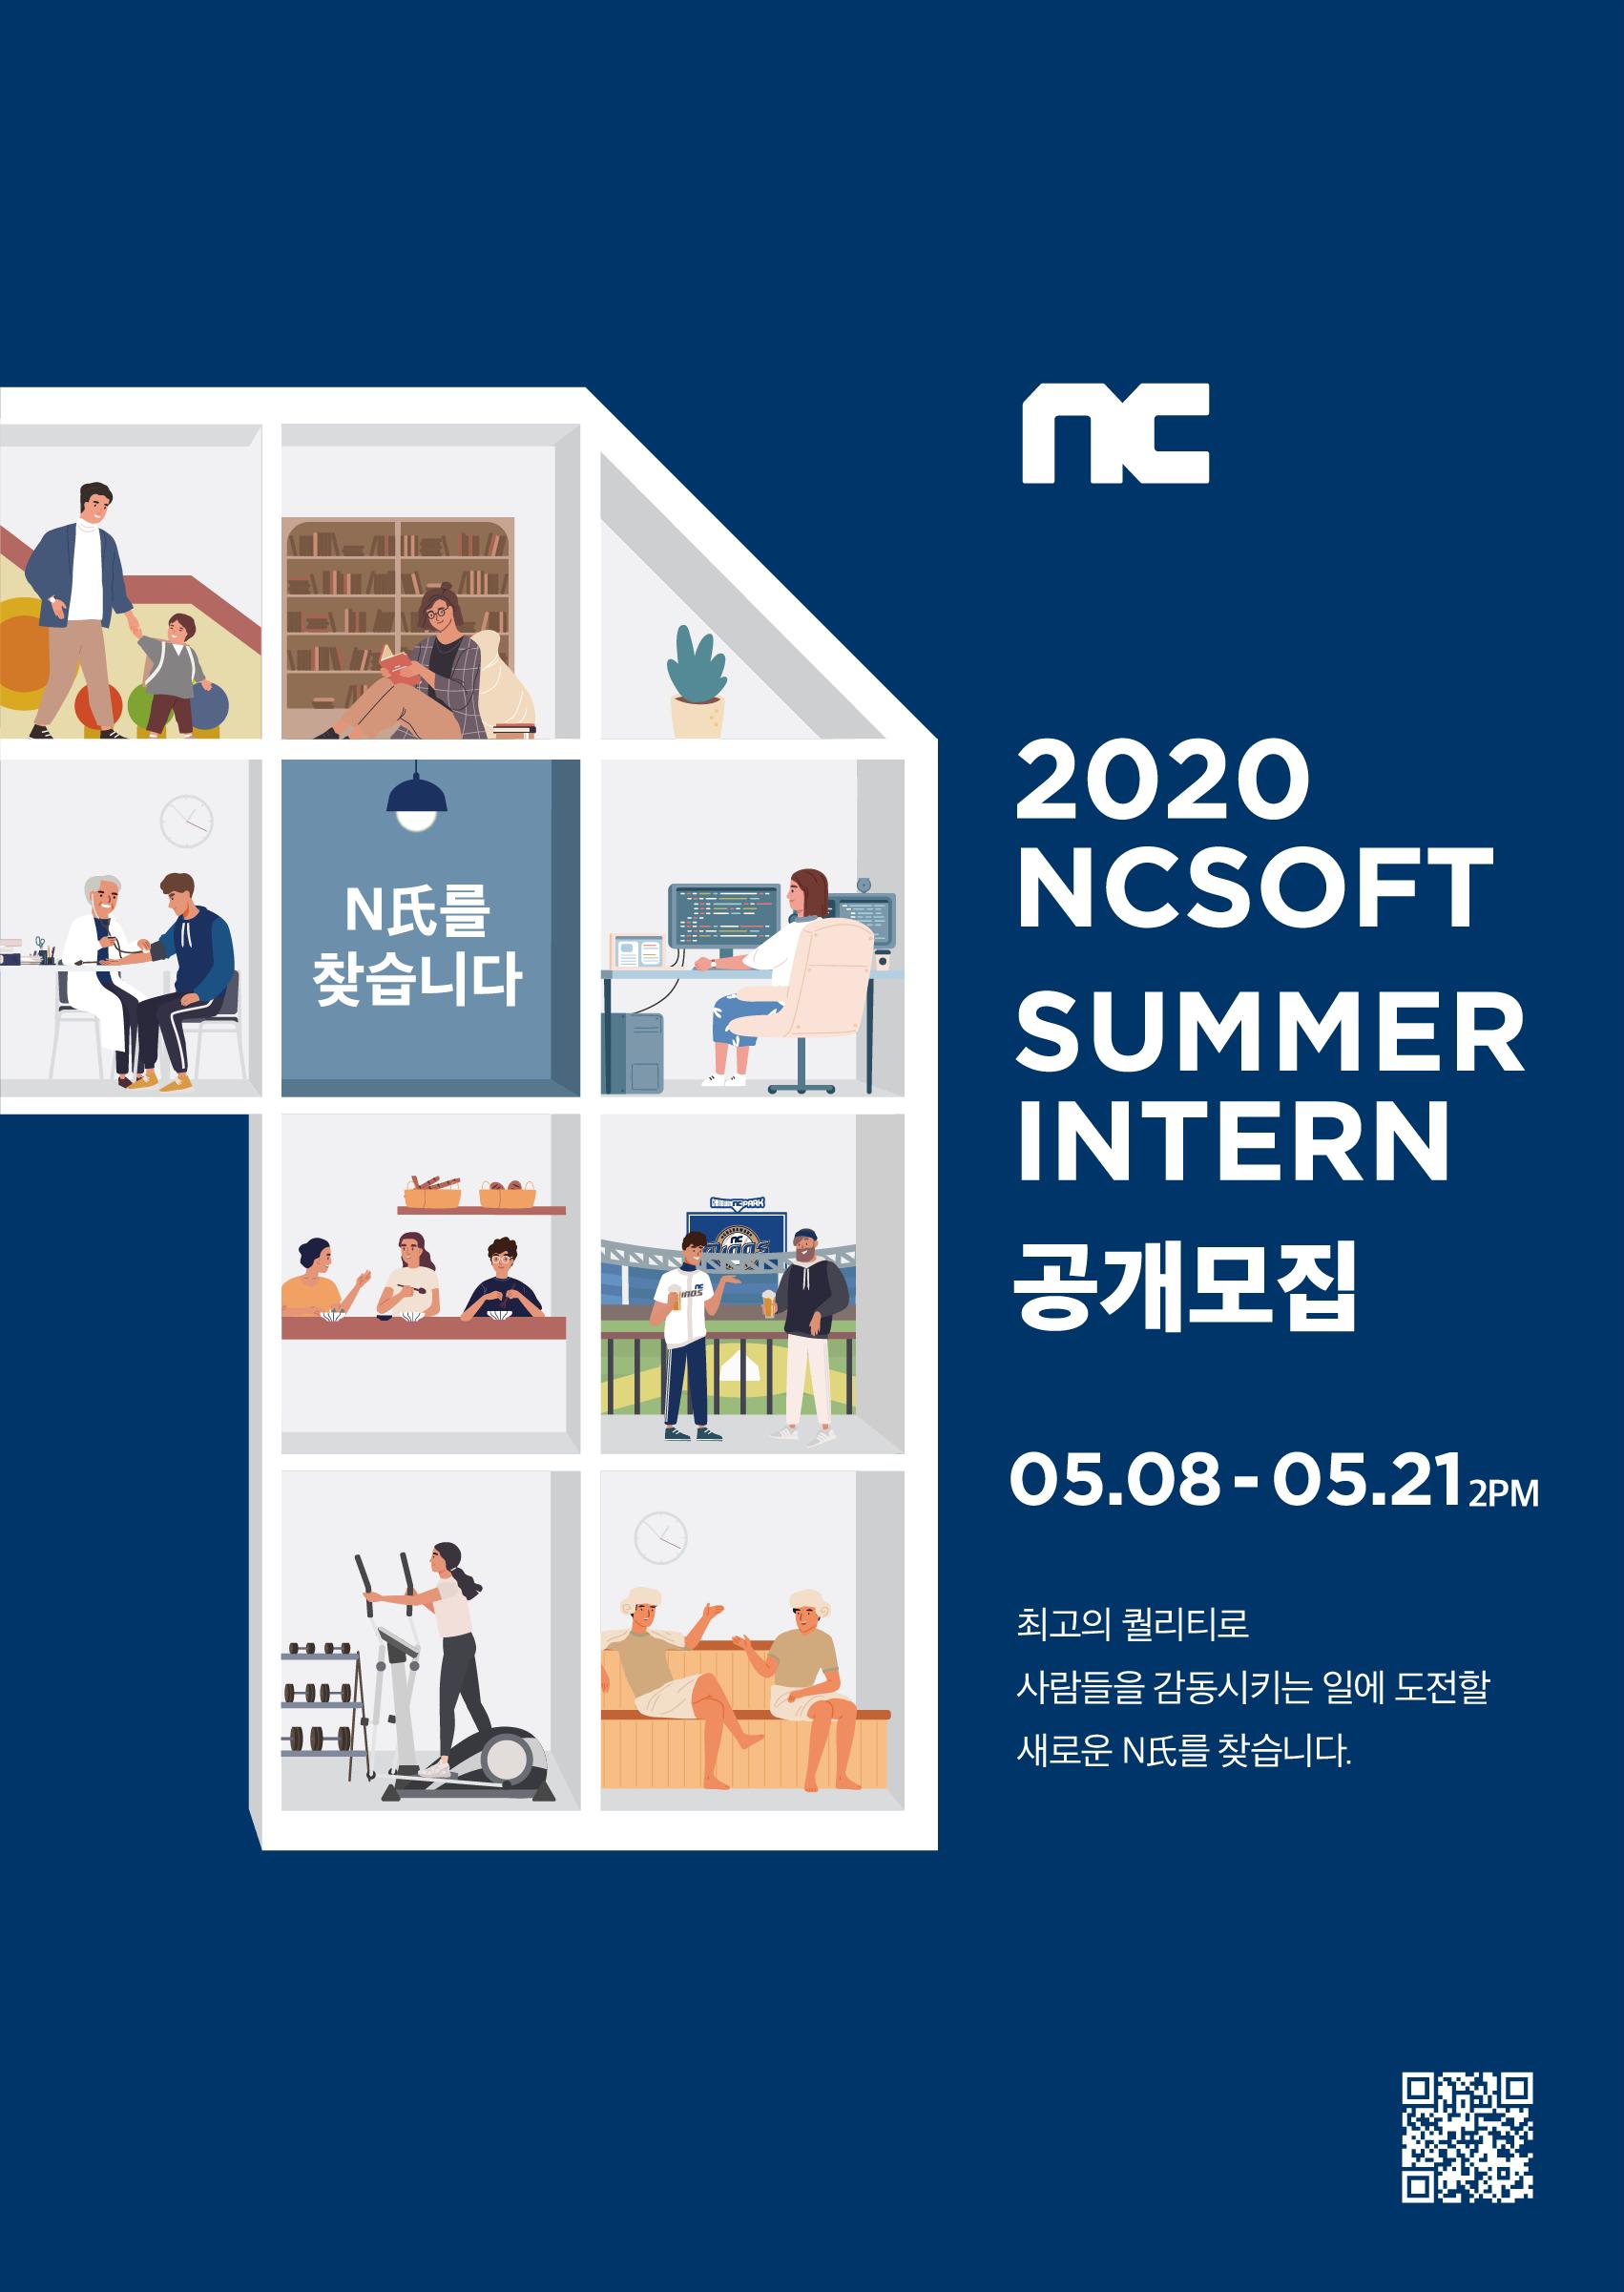 엔씨소프트, 2020년 하계 인턴사원 공개 모집